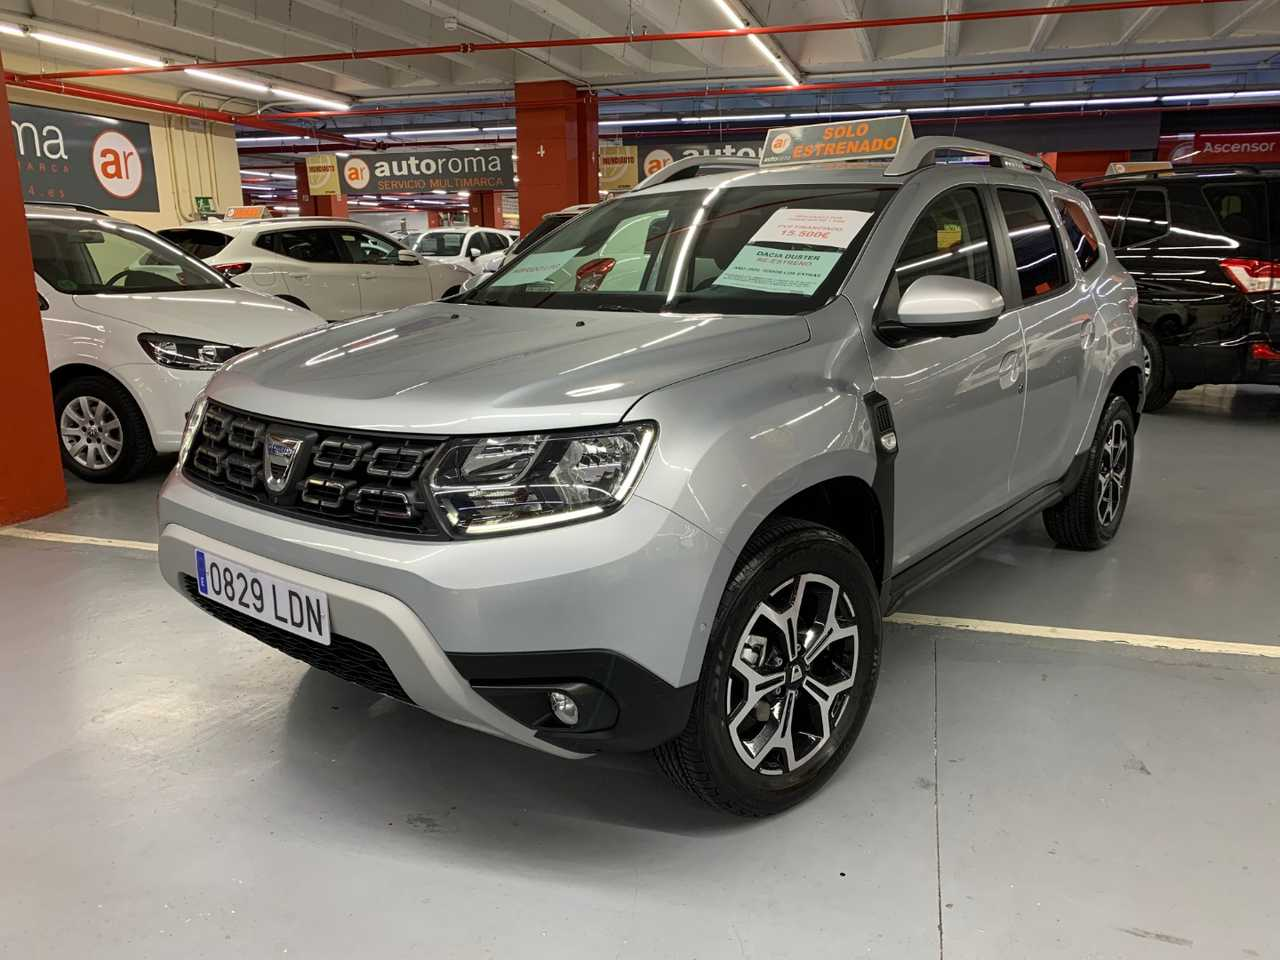 Dacia Duster II HÍBRIDO 1.6 Benzin / LPG Essential. SOLO ESTRENADO!!!!   - Foto 1